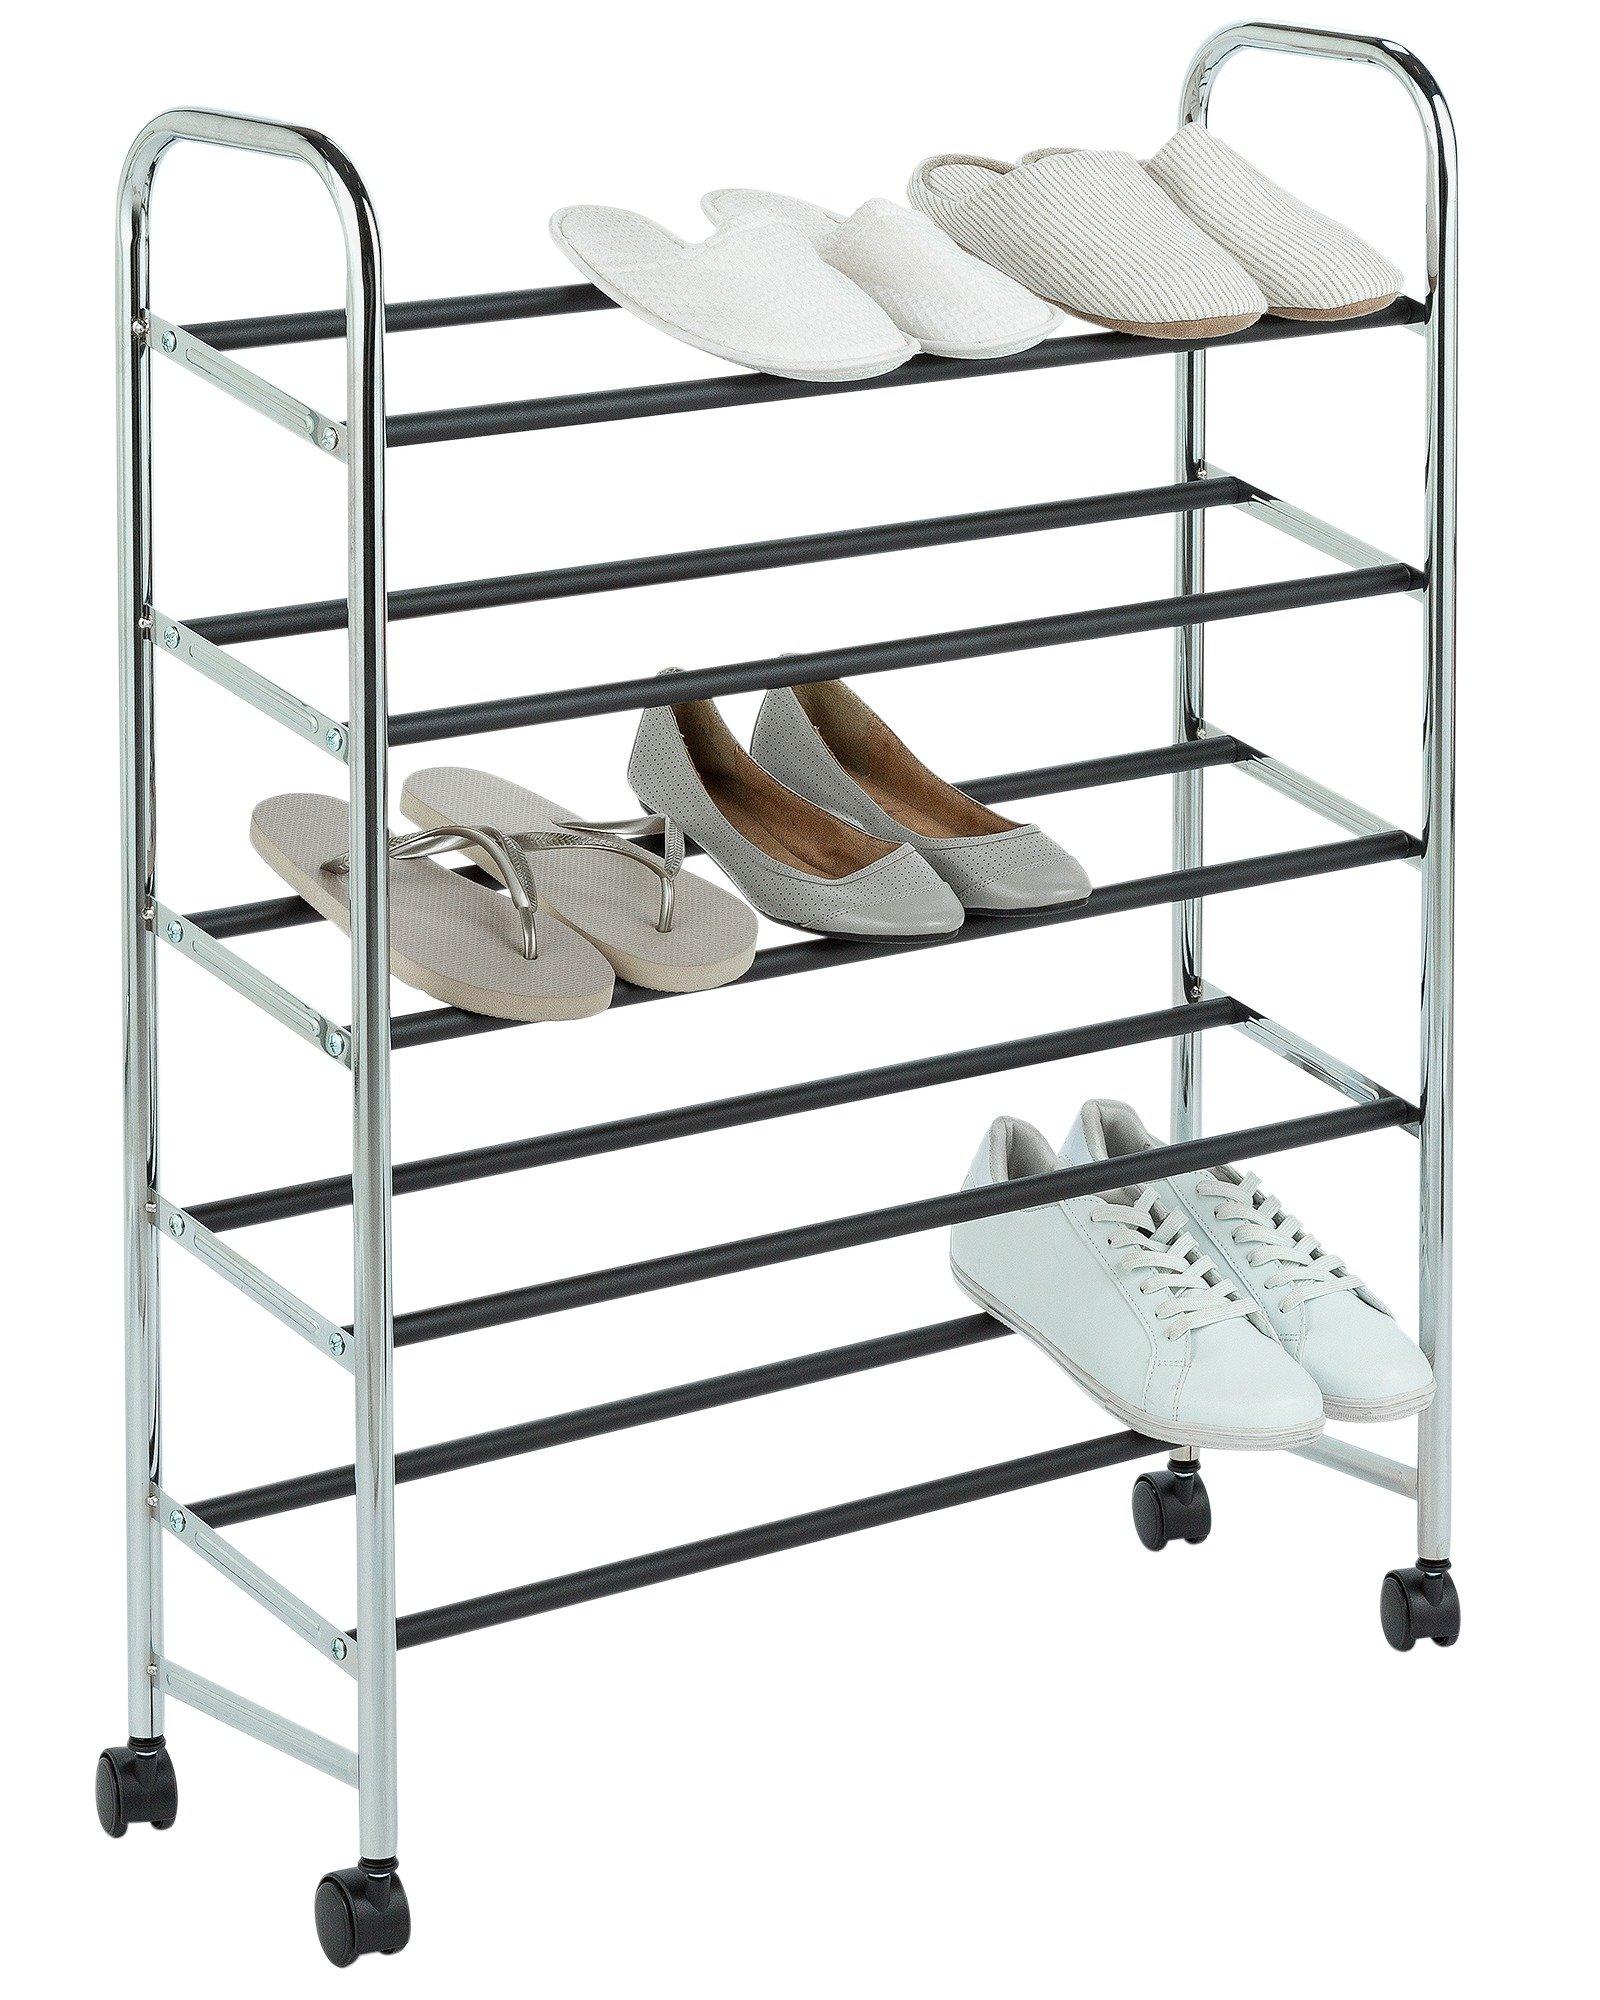 home shoe storage cabinet walnut effect. Black Bedroom Furniture Sets. Home Design Ideas